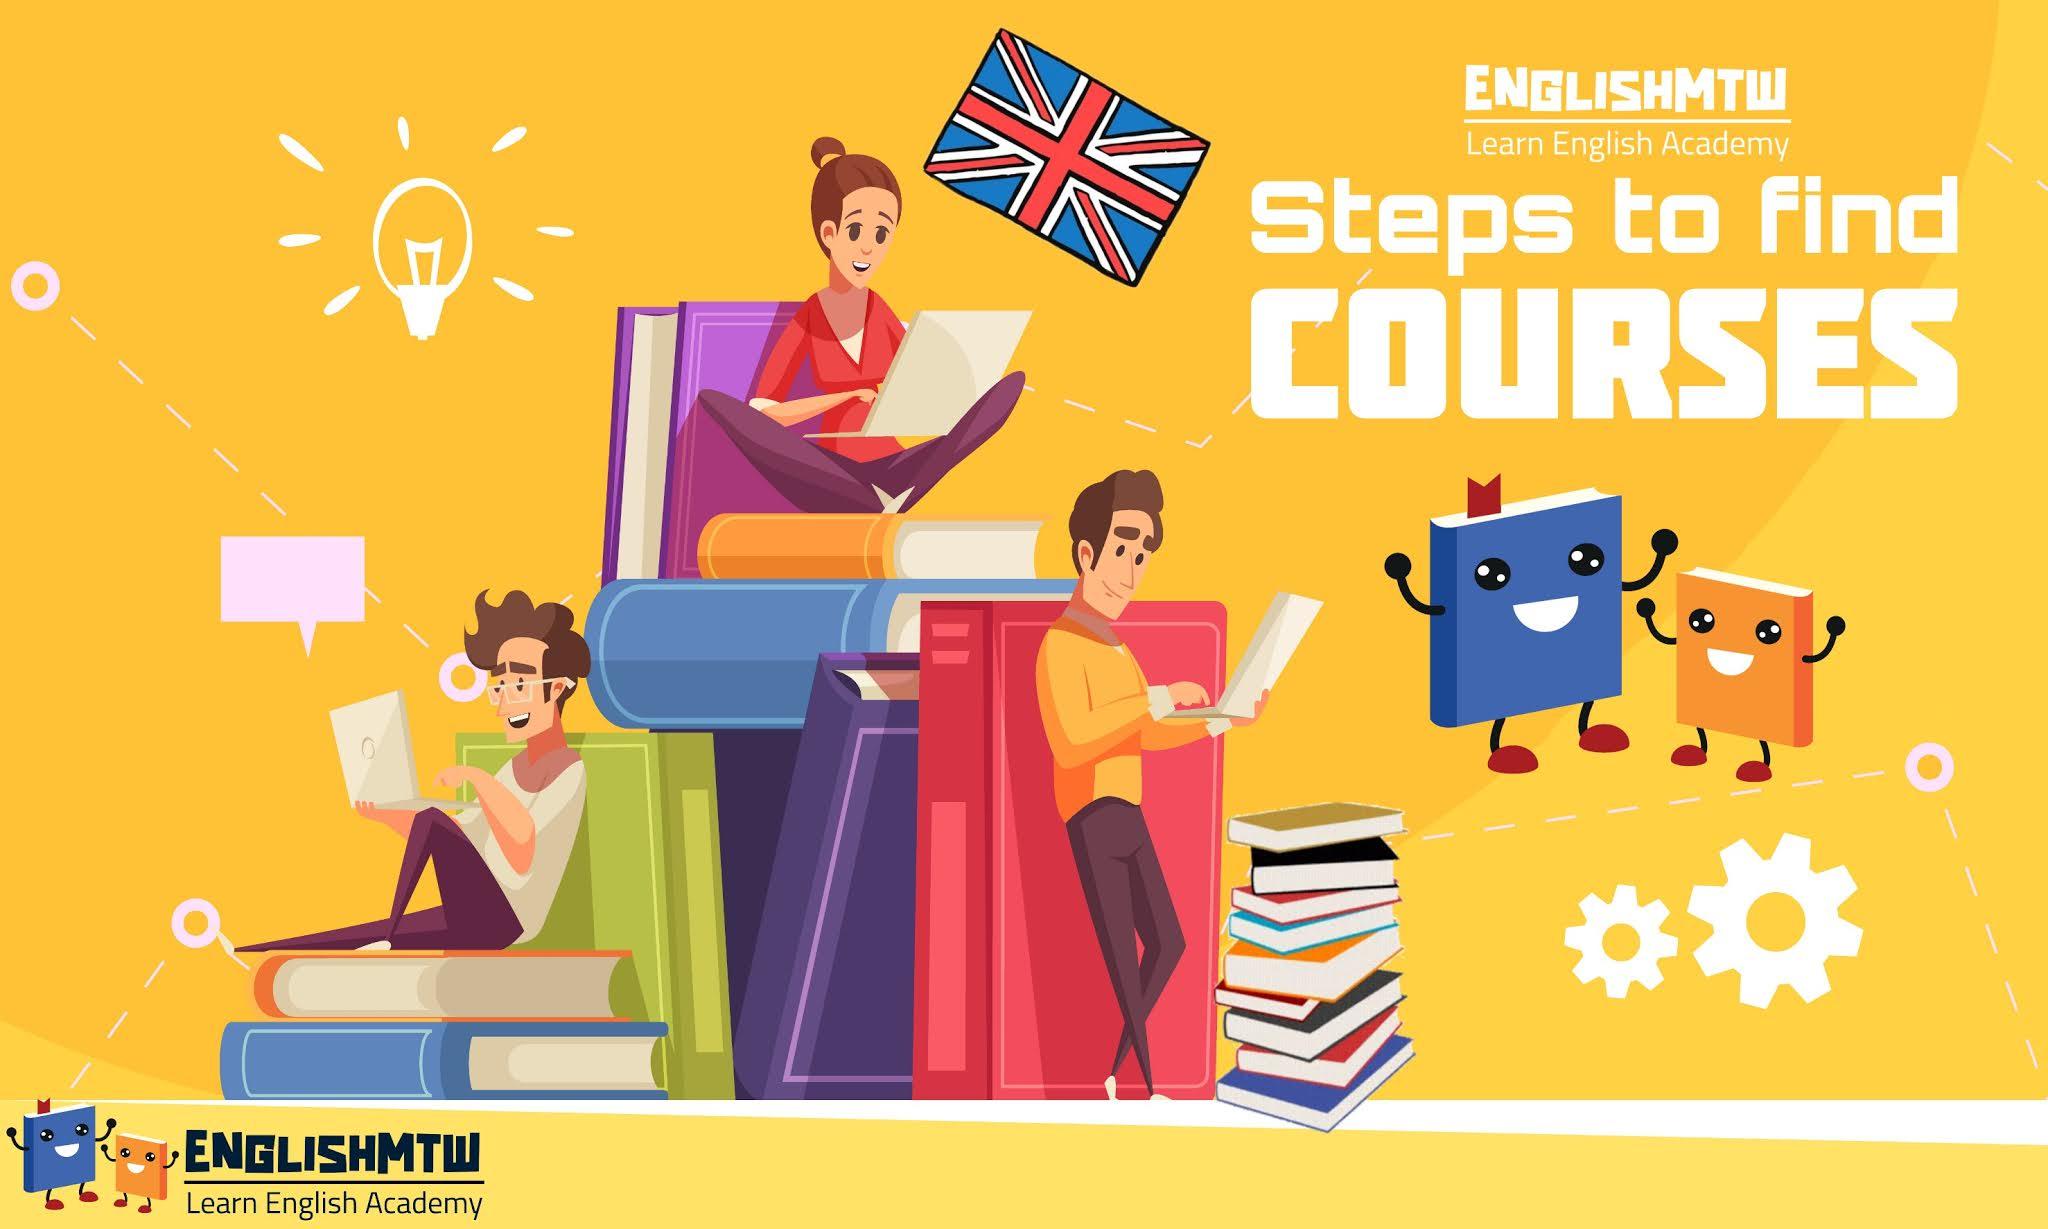 6 خطوات ذكية لإيجاد دورة مثالية في اللغة الإنجليزية للمستوى المتوسط